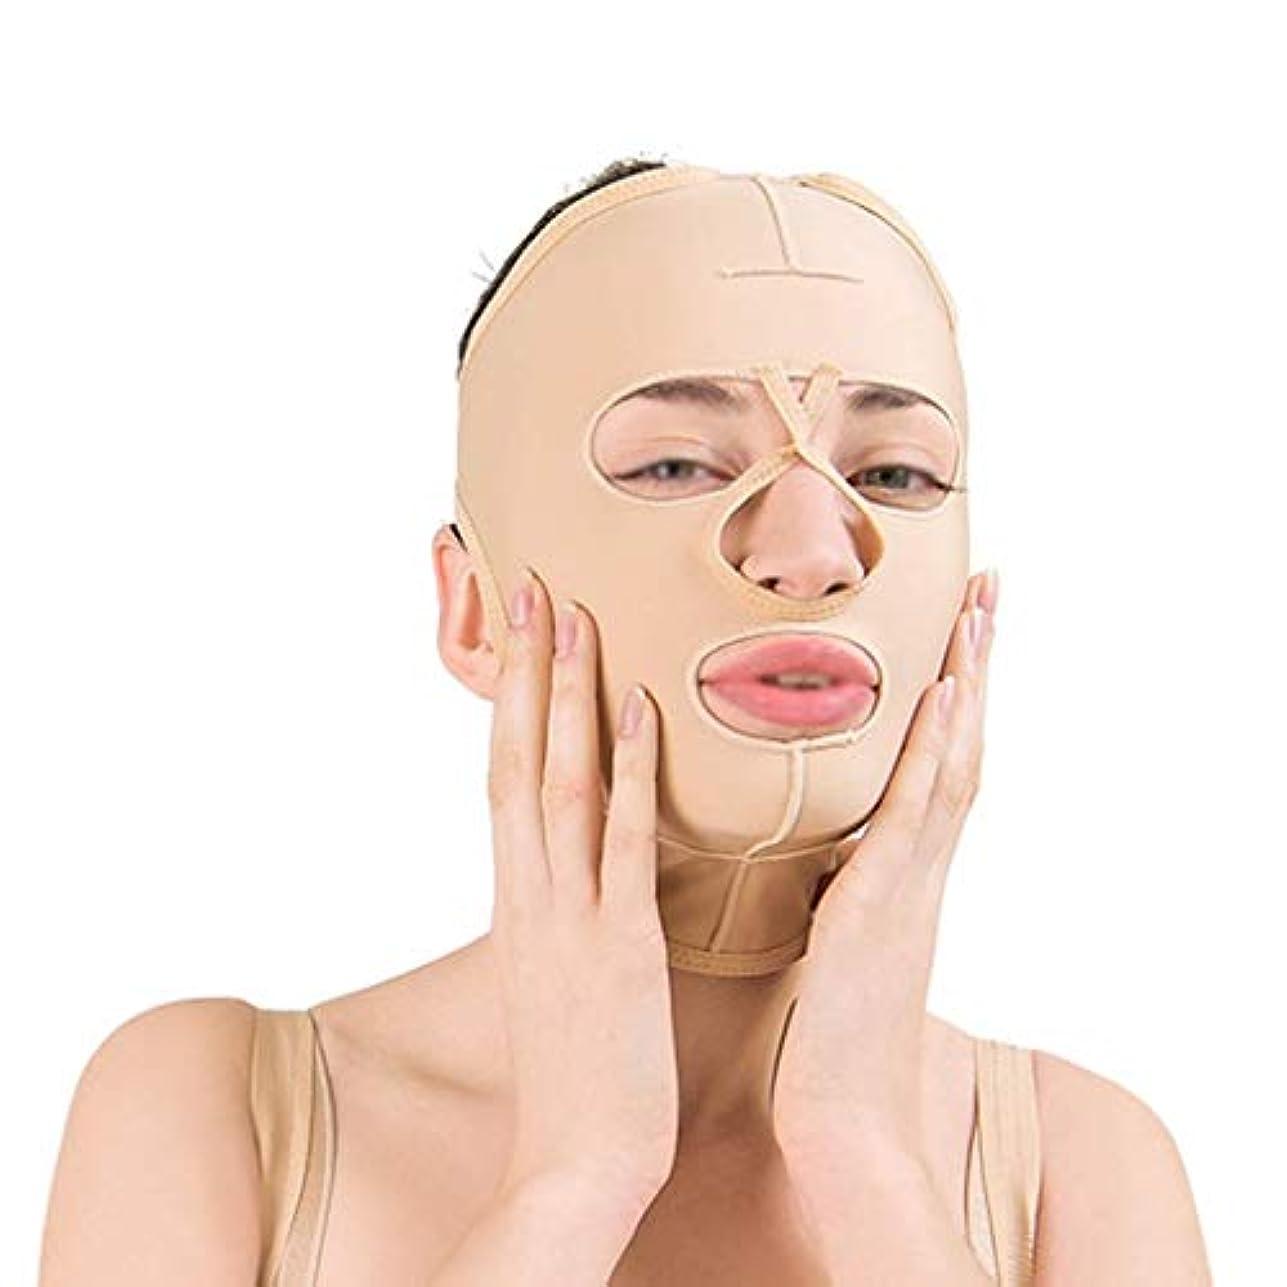 領域高いダウンフェイススリミングマスク、フェイスバンデージ付きフェイシャル減量マスク、通気性フェイスリフト、引き締め、フェイスリフティング(サイズ:L),XL